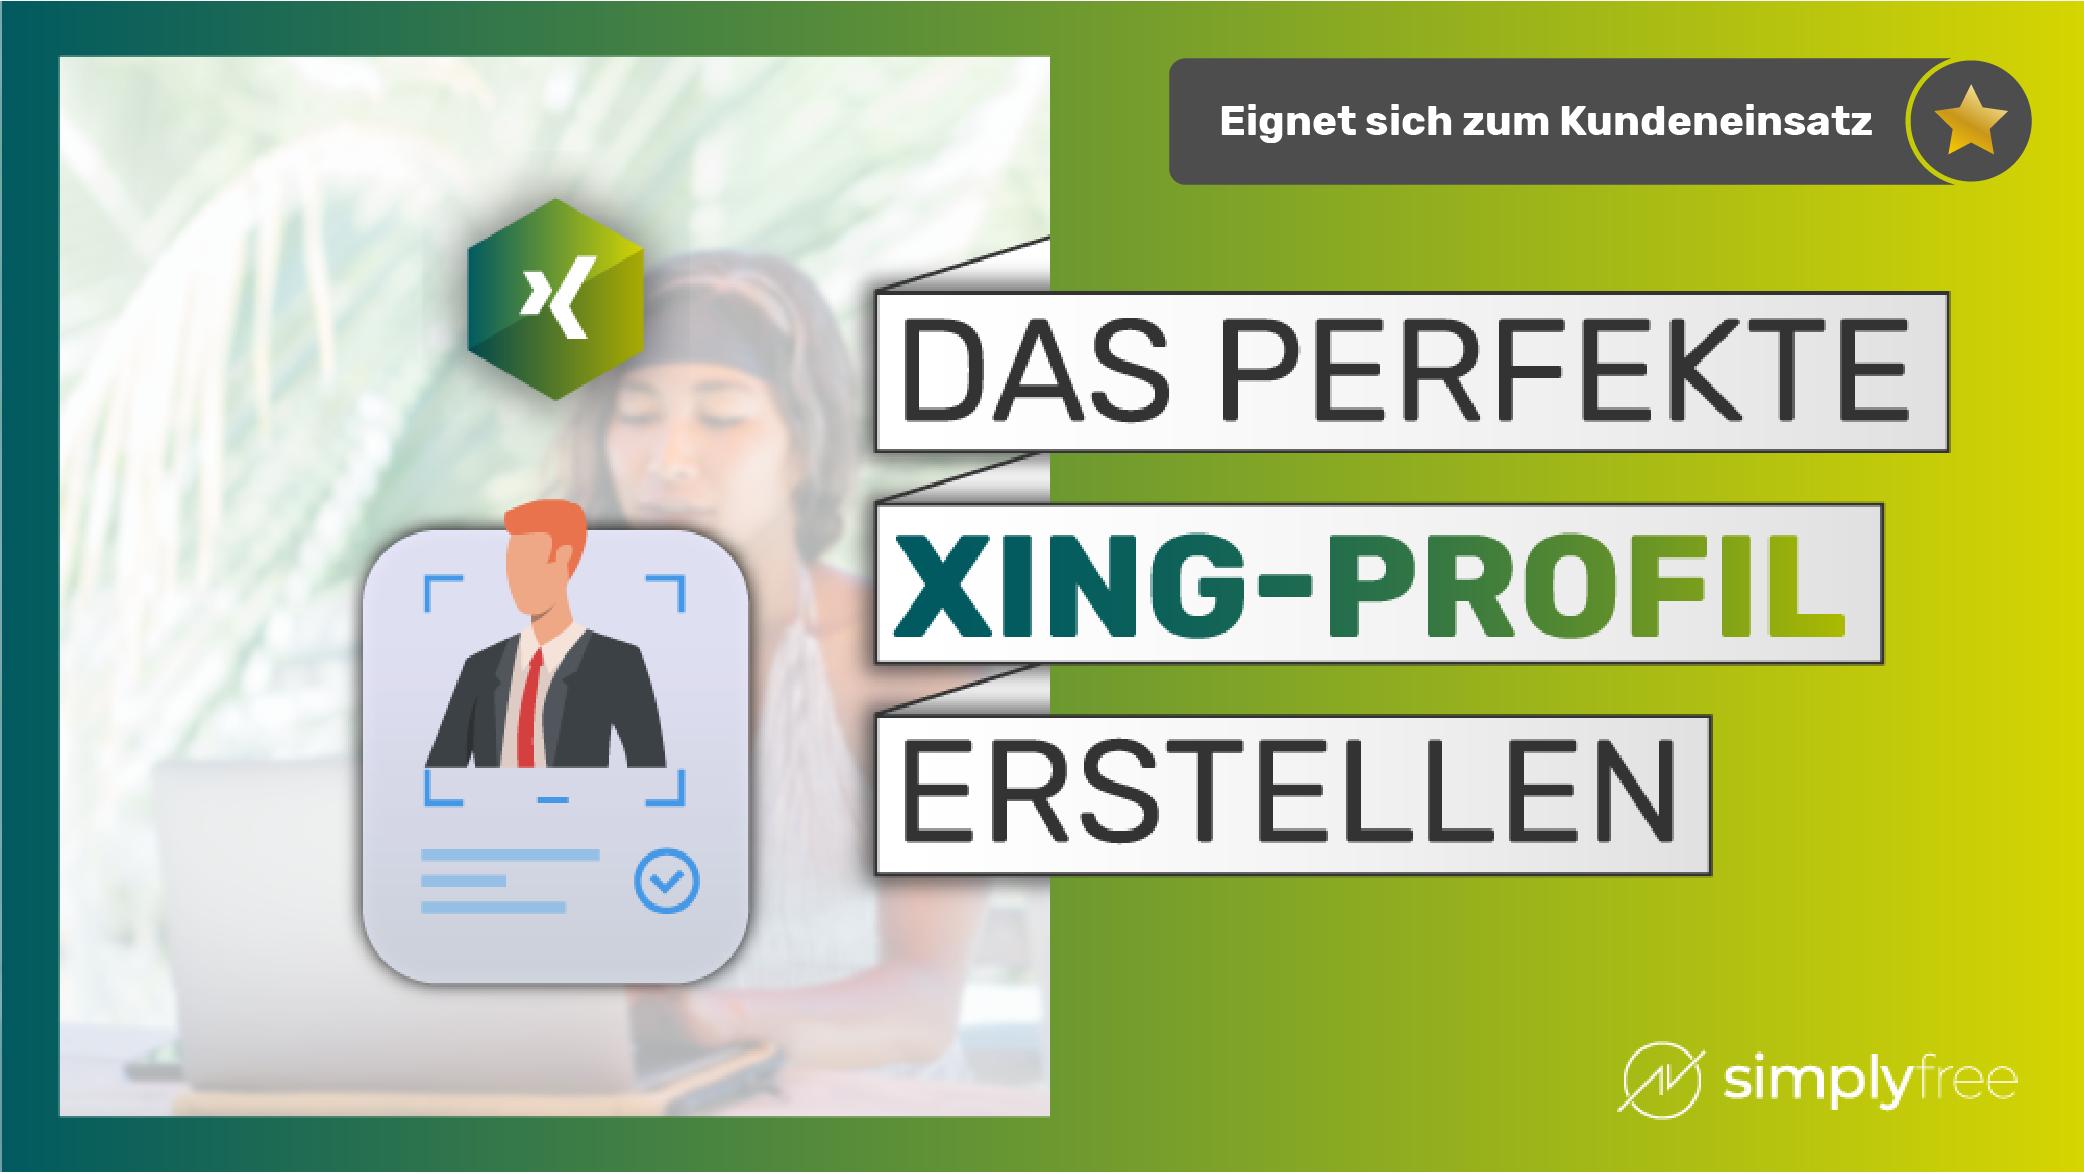 XING Profil erstellen Kurs